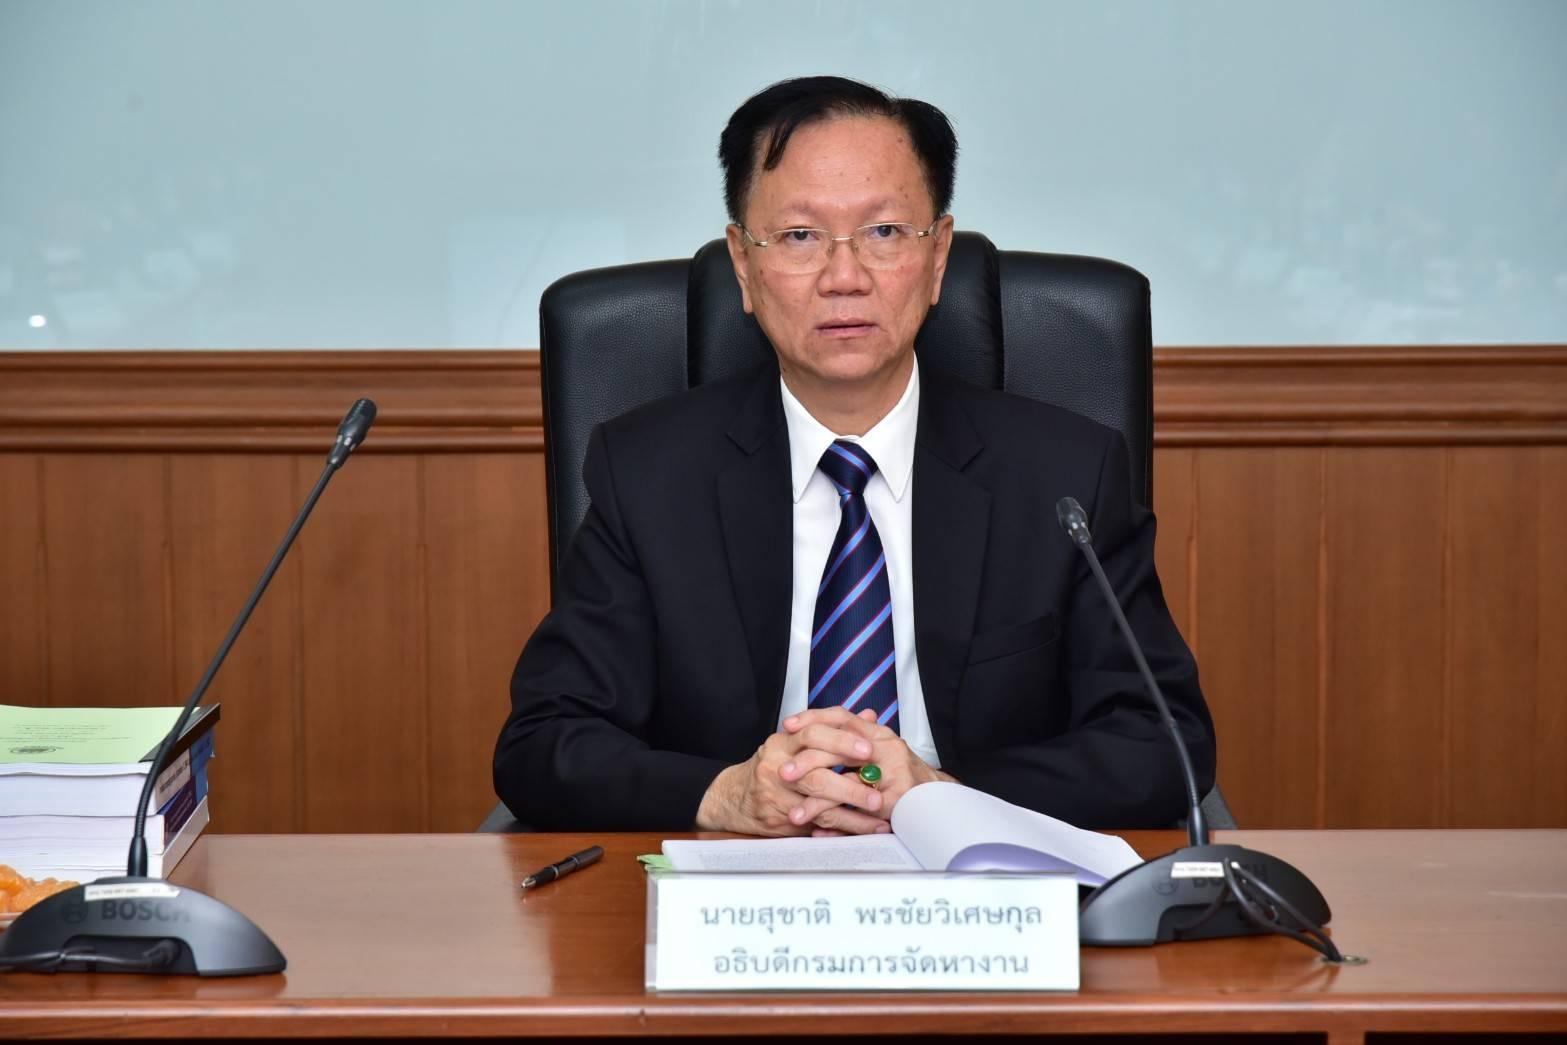 ประชุมคณะกรรมการที่ปรึกษาเพื่อปรับปรุงการจัดประเภทมาตรฐานอาชีพและอุตสาหกรรม ครั้งที่ 1/2563